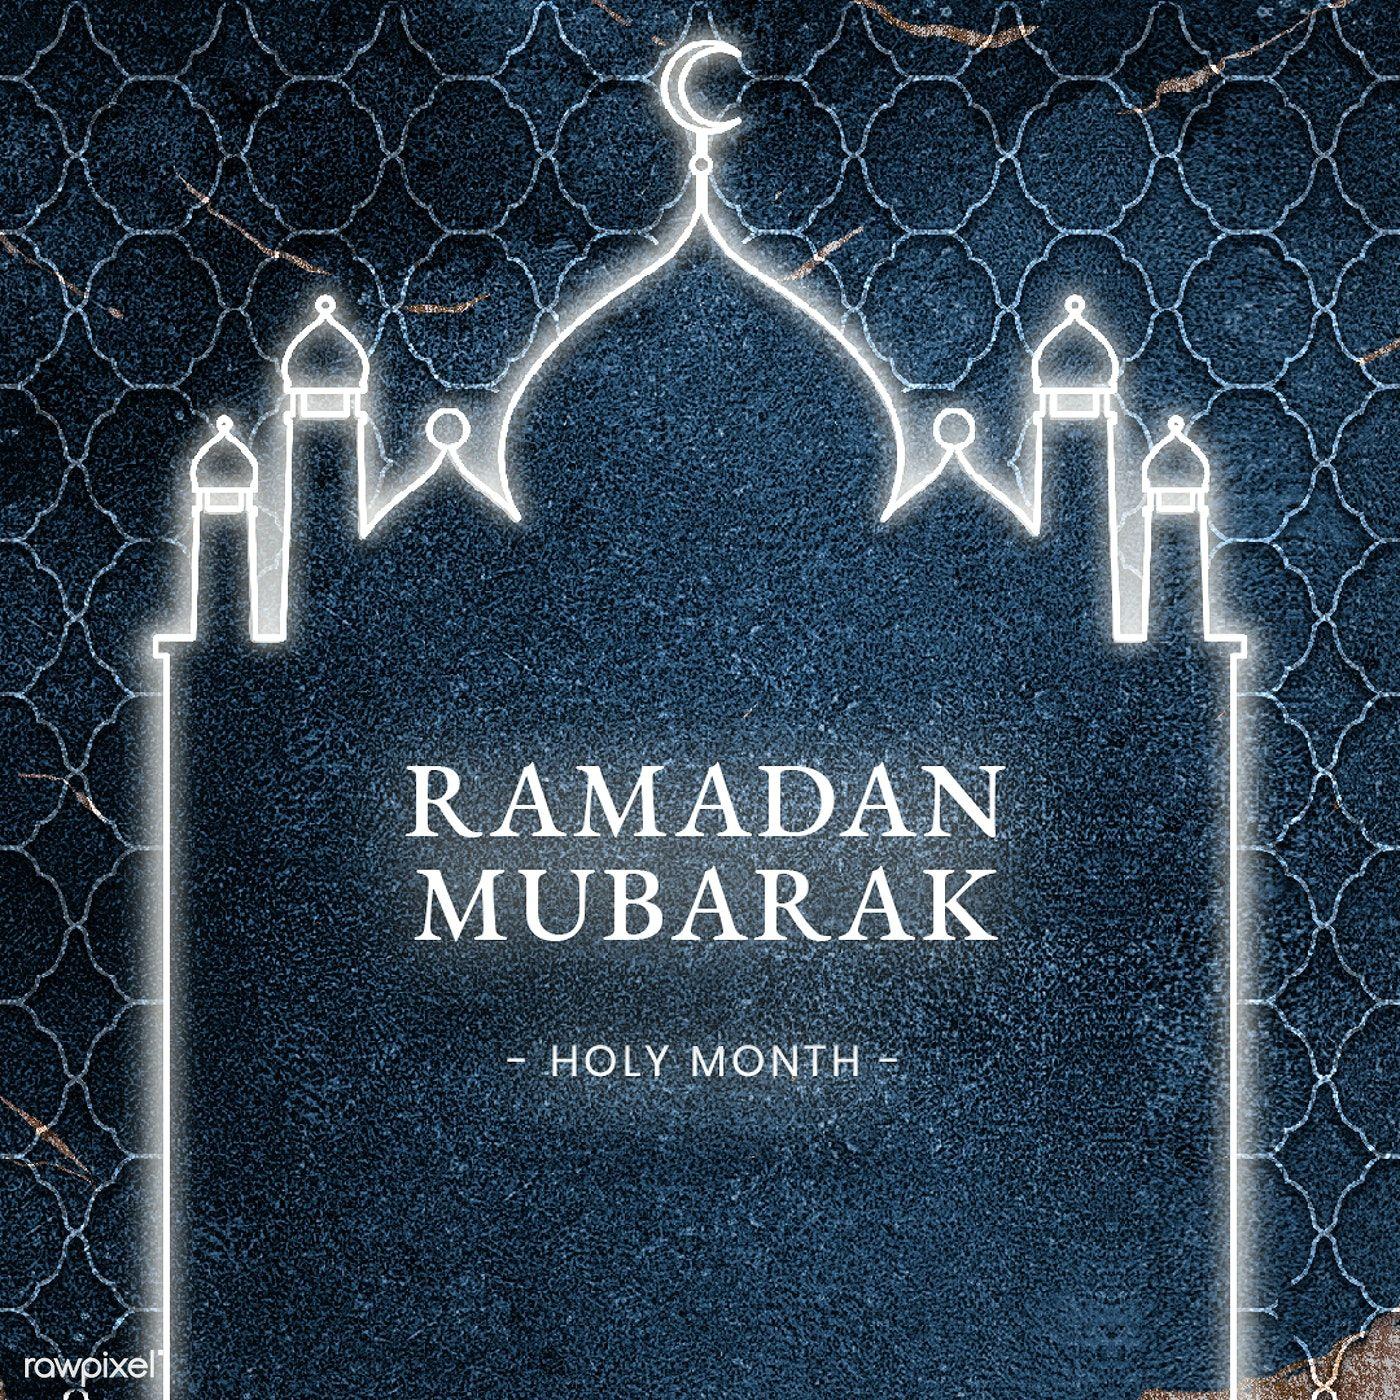 Festive Ramadan Mubarak Blessing Card Template Free Image By Rawpixel Com Katie Ramadan Mubarak Ramadan Eid Mubarak Greeting Cards